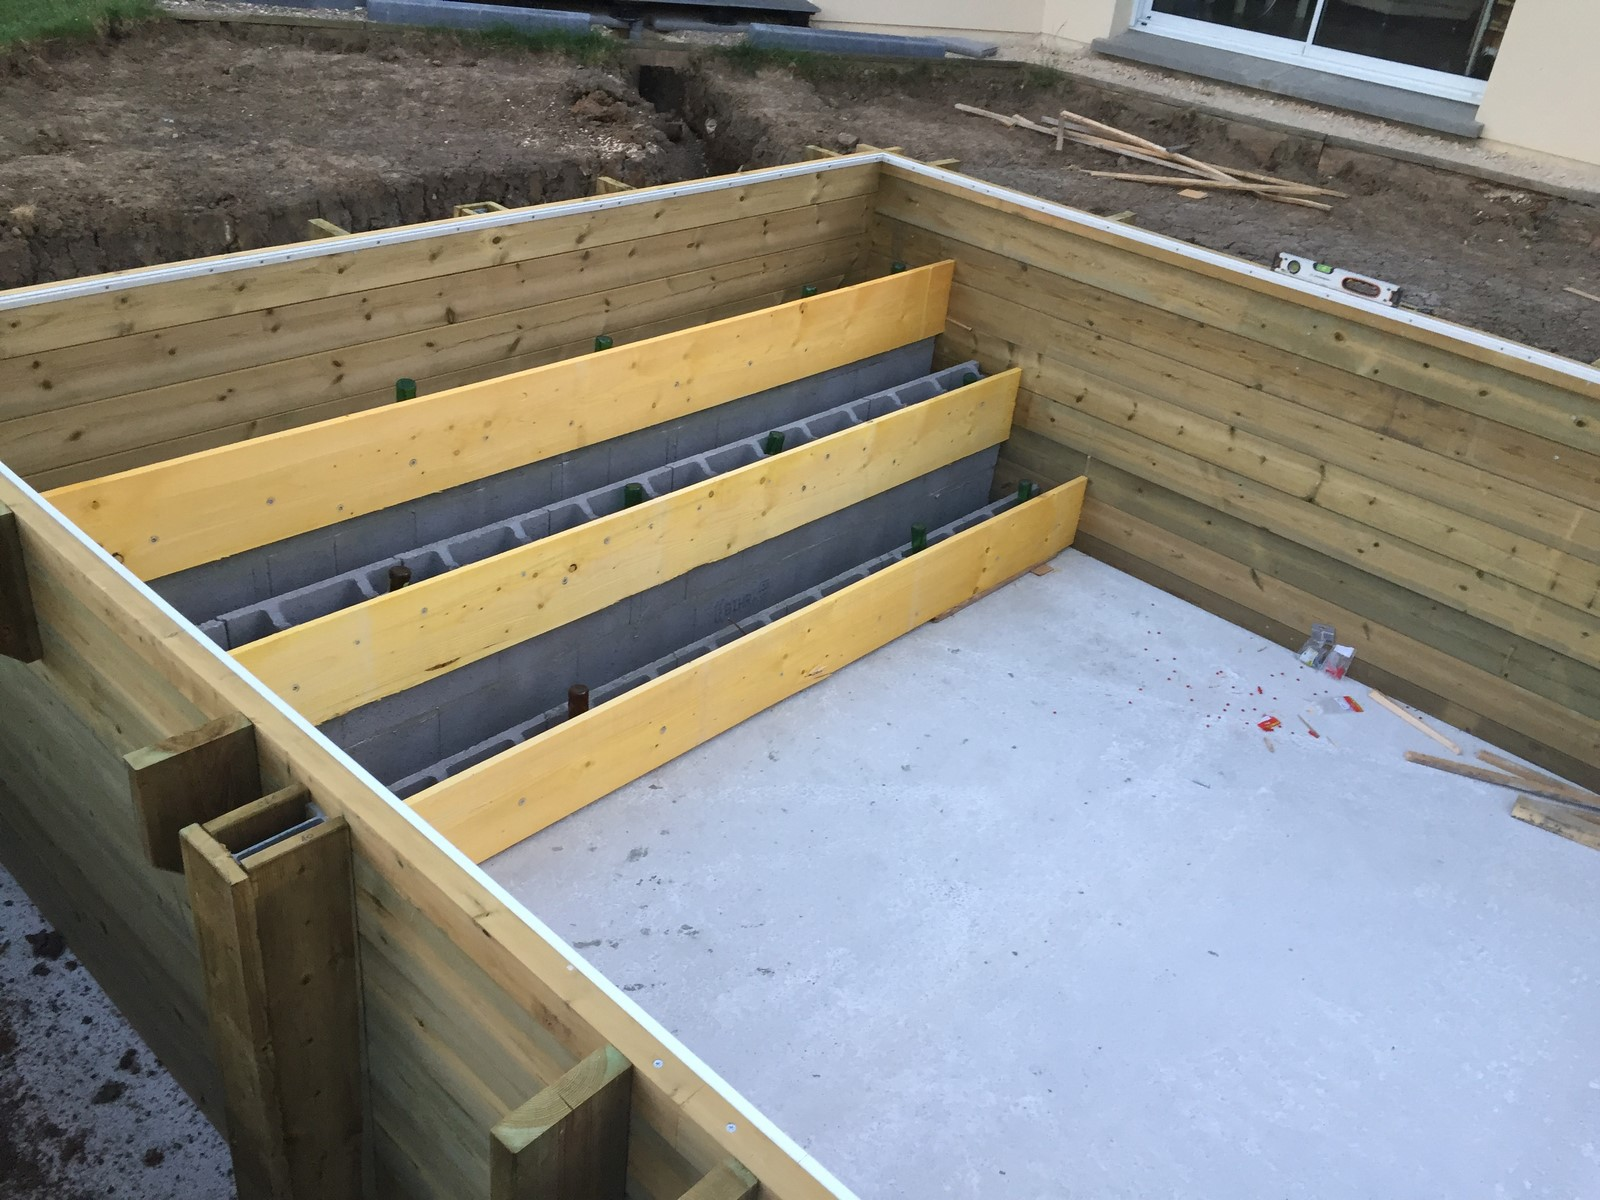 Kit piscine bois hors sol rectangulaire luxe avec escalier for Piscine en kit bois hors sol